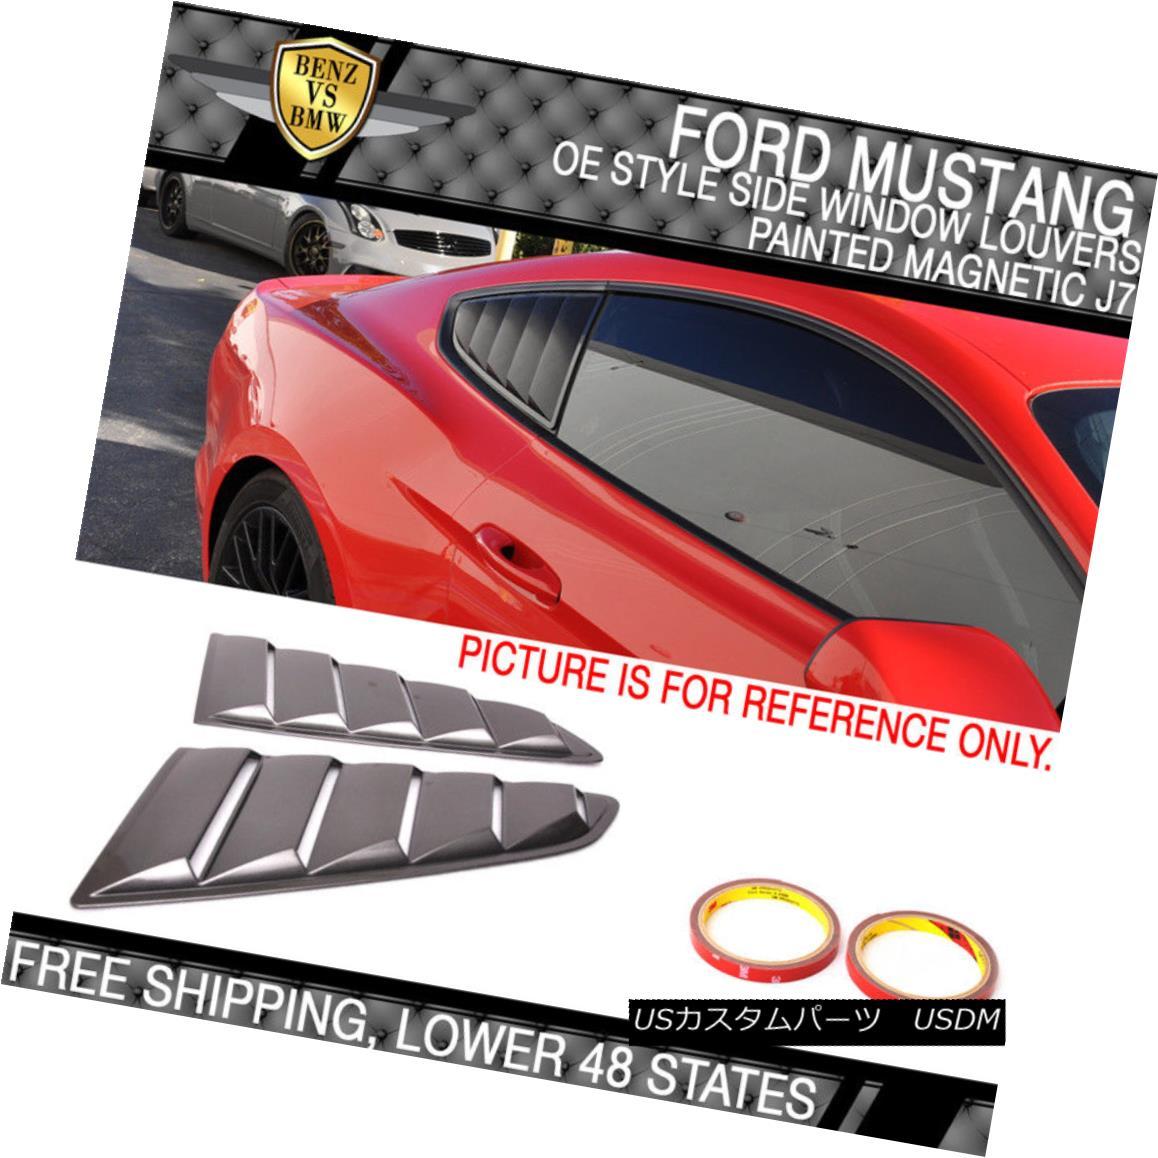 エアロパーツ For 15-18 Ford Mustang OE Style Paint J7 Magnetic Side Window Louvers 15-18フォードマスタングOEスタイルペイントJ7磁気サイドウィンドウルーバー